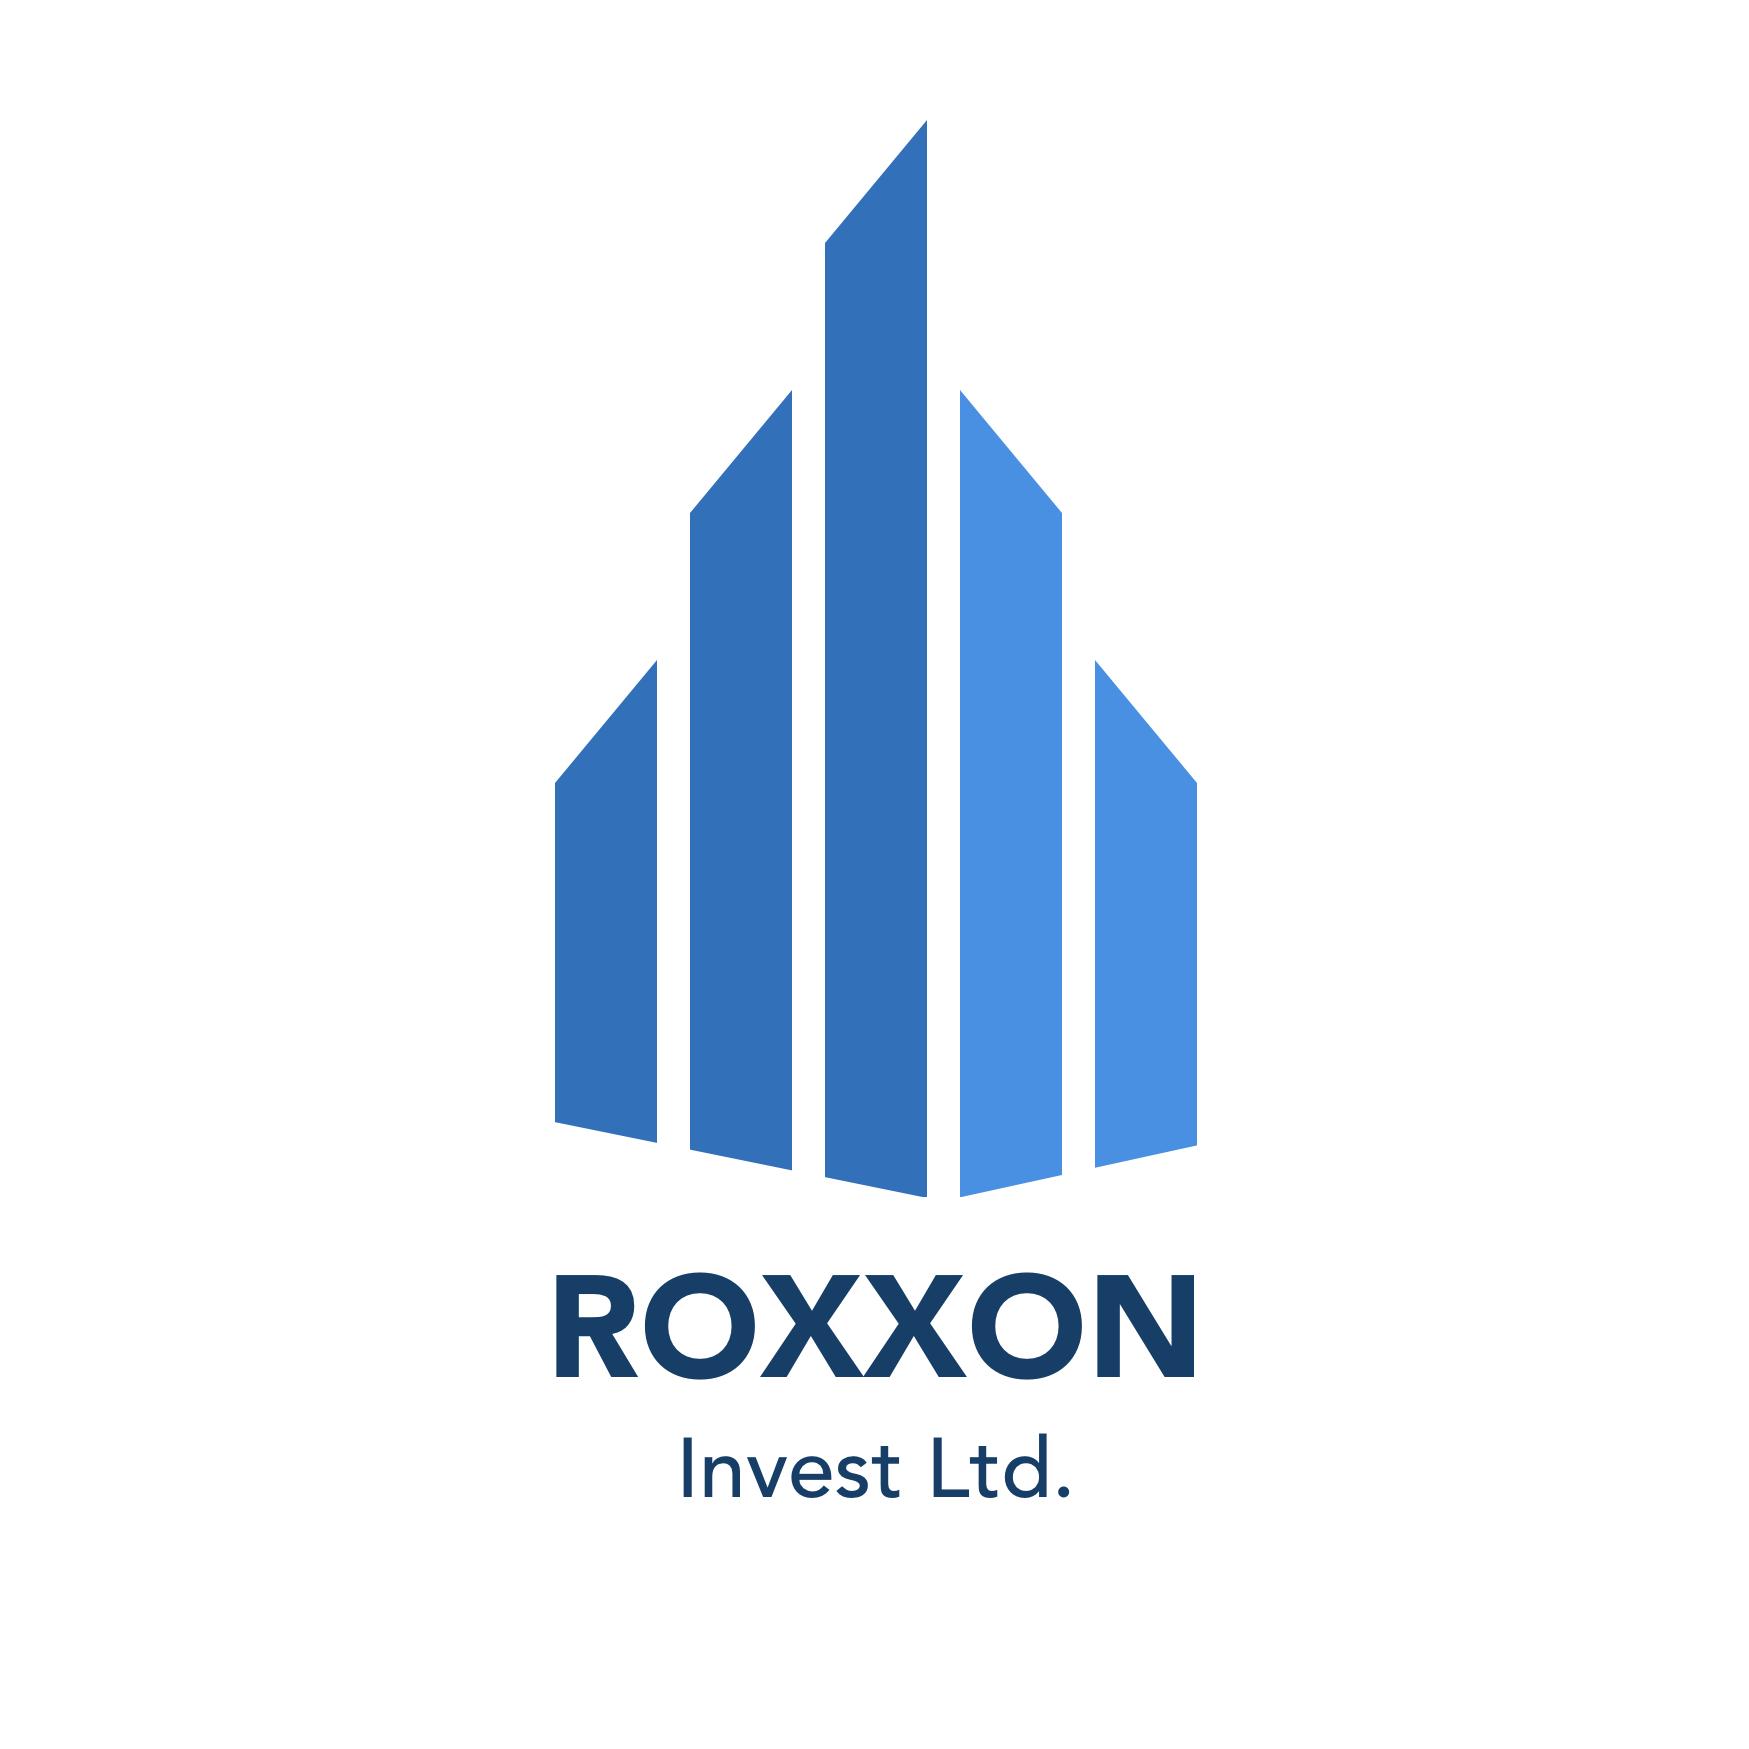 roxxon_logo